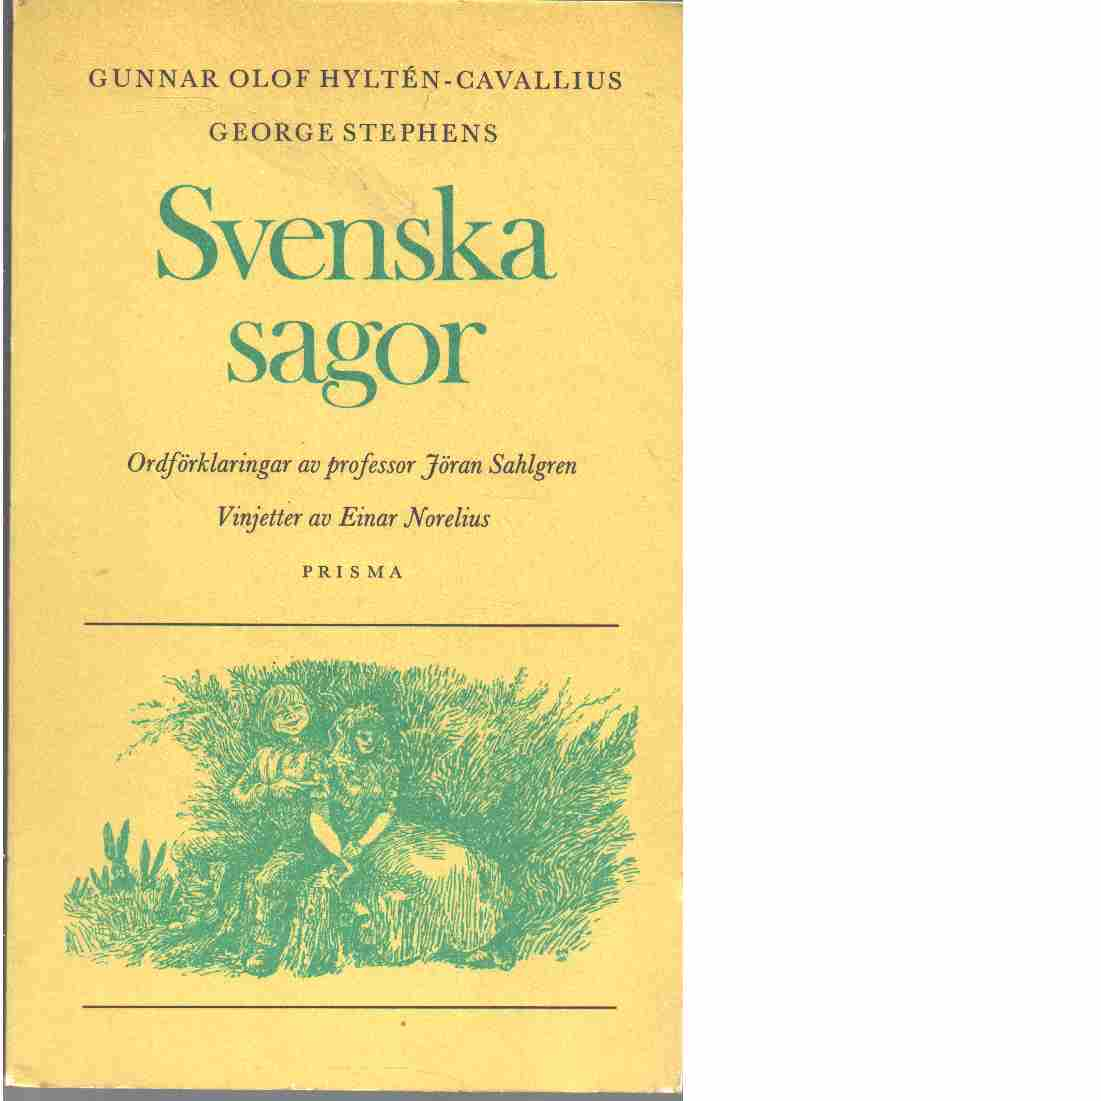 Svenska sagor. D. 1 - Red. Hyltén-Cavallius, Gunnar Olof